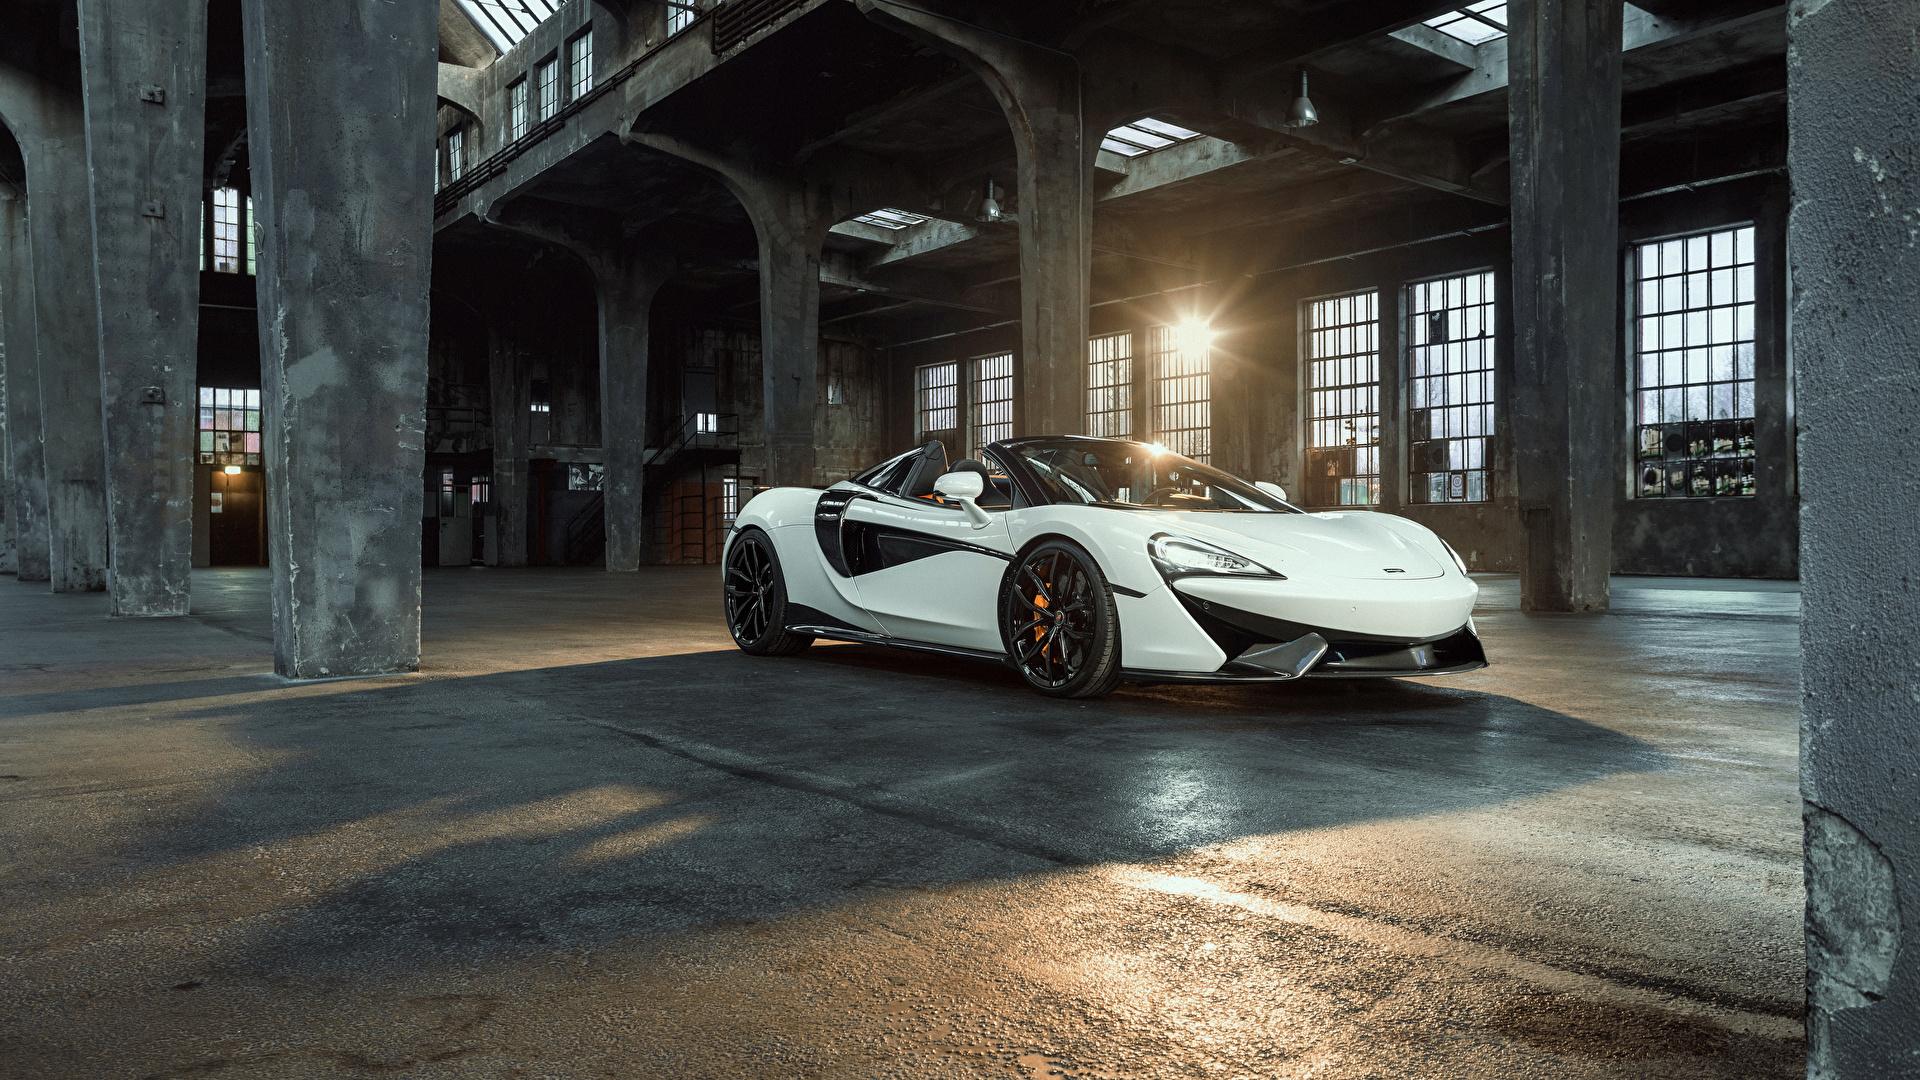 Картинка McLaren 2018 Novitec 570S Spider белые машины Металлик 1920x1080 Макларен белых Белый белая авто машина автомобиль Автомобили